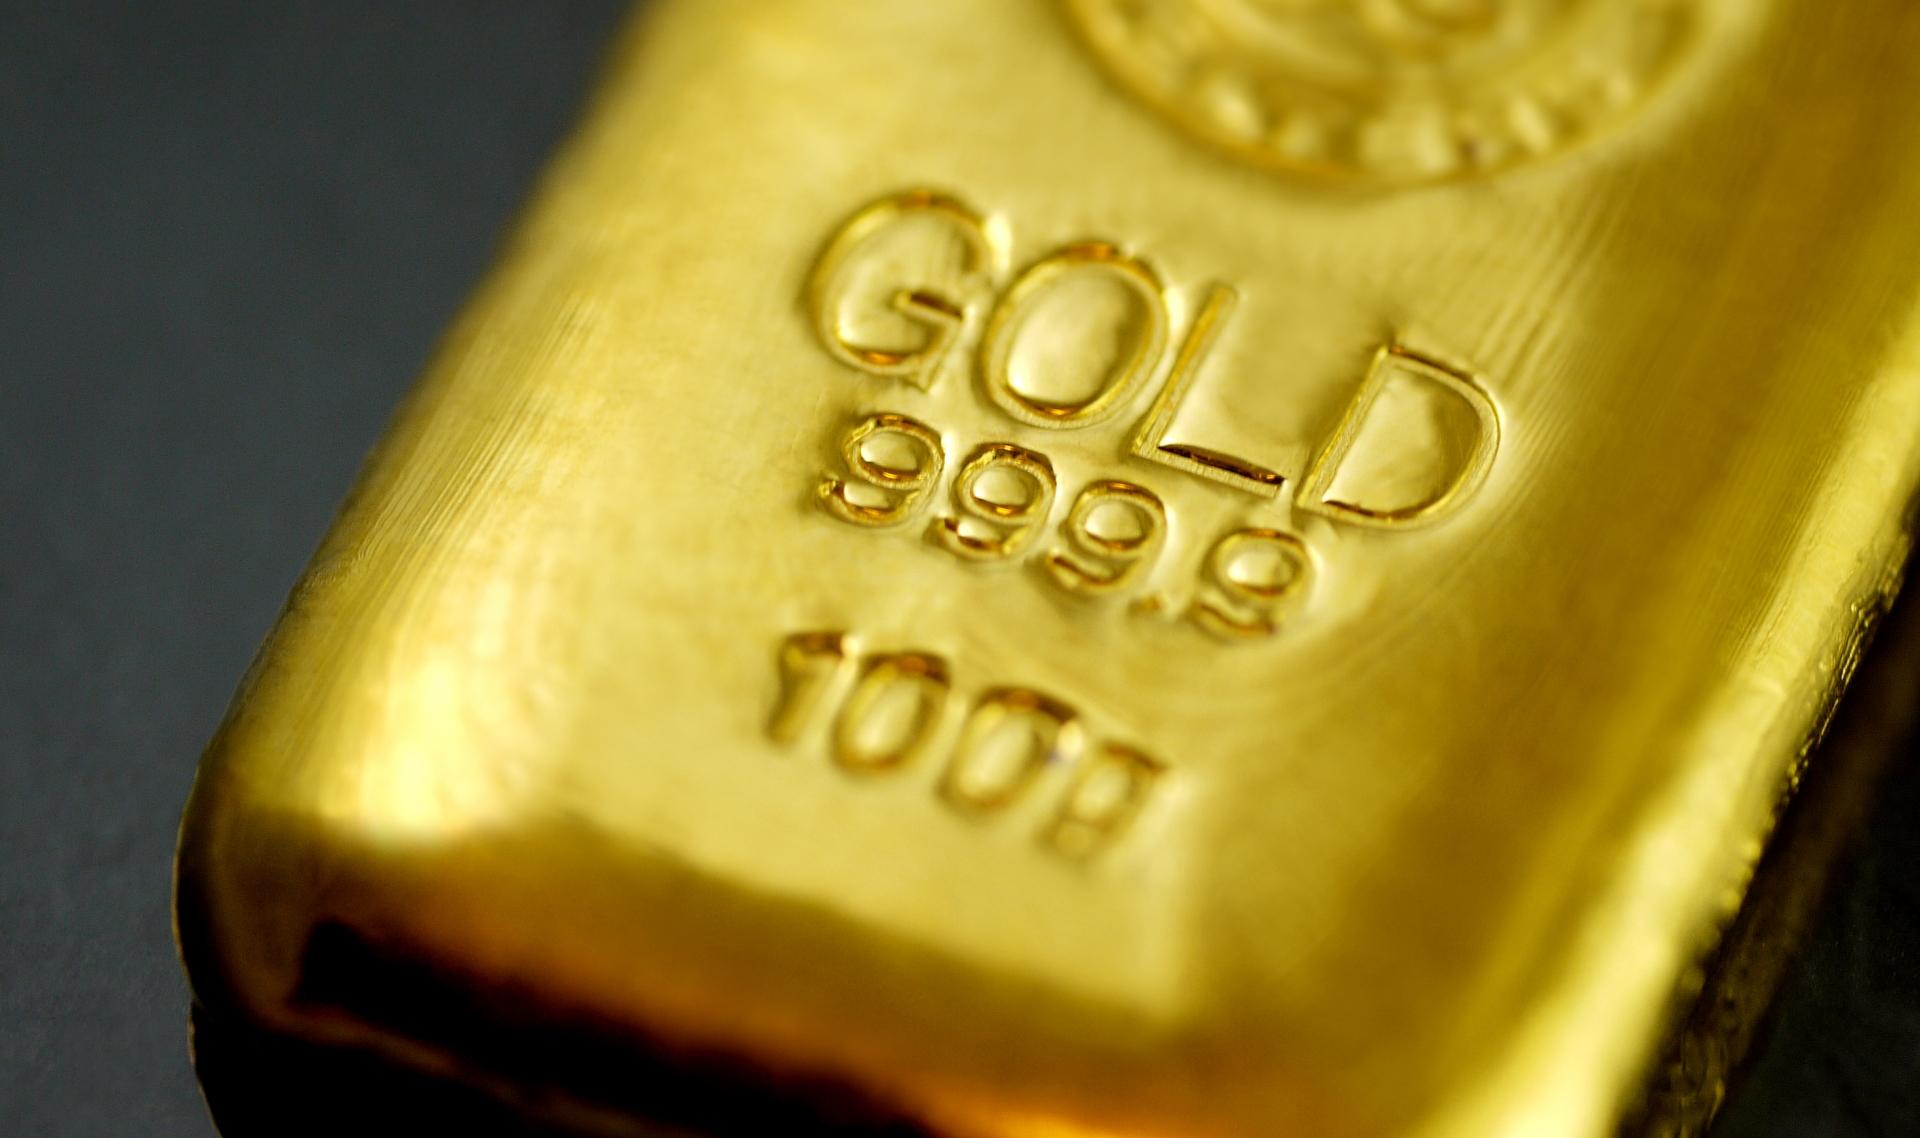 金価格と米ドルの関係性